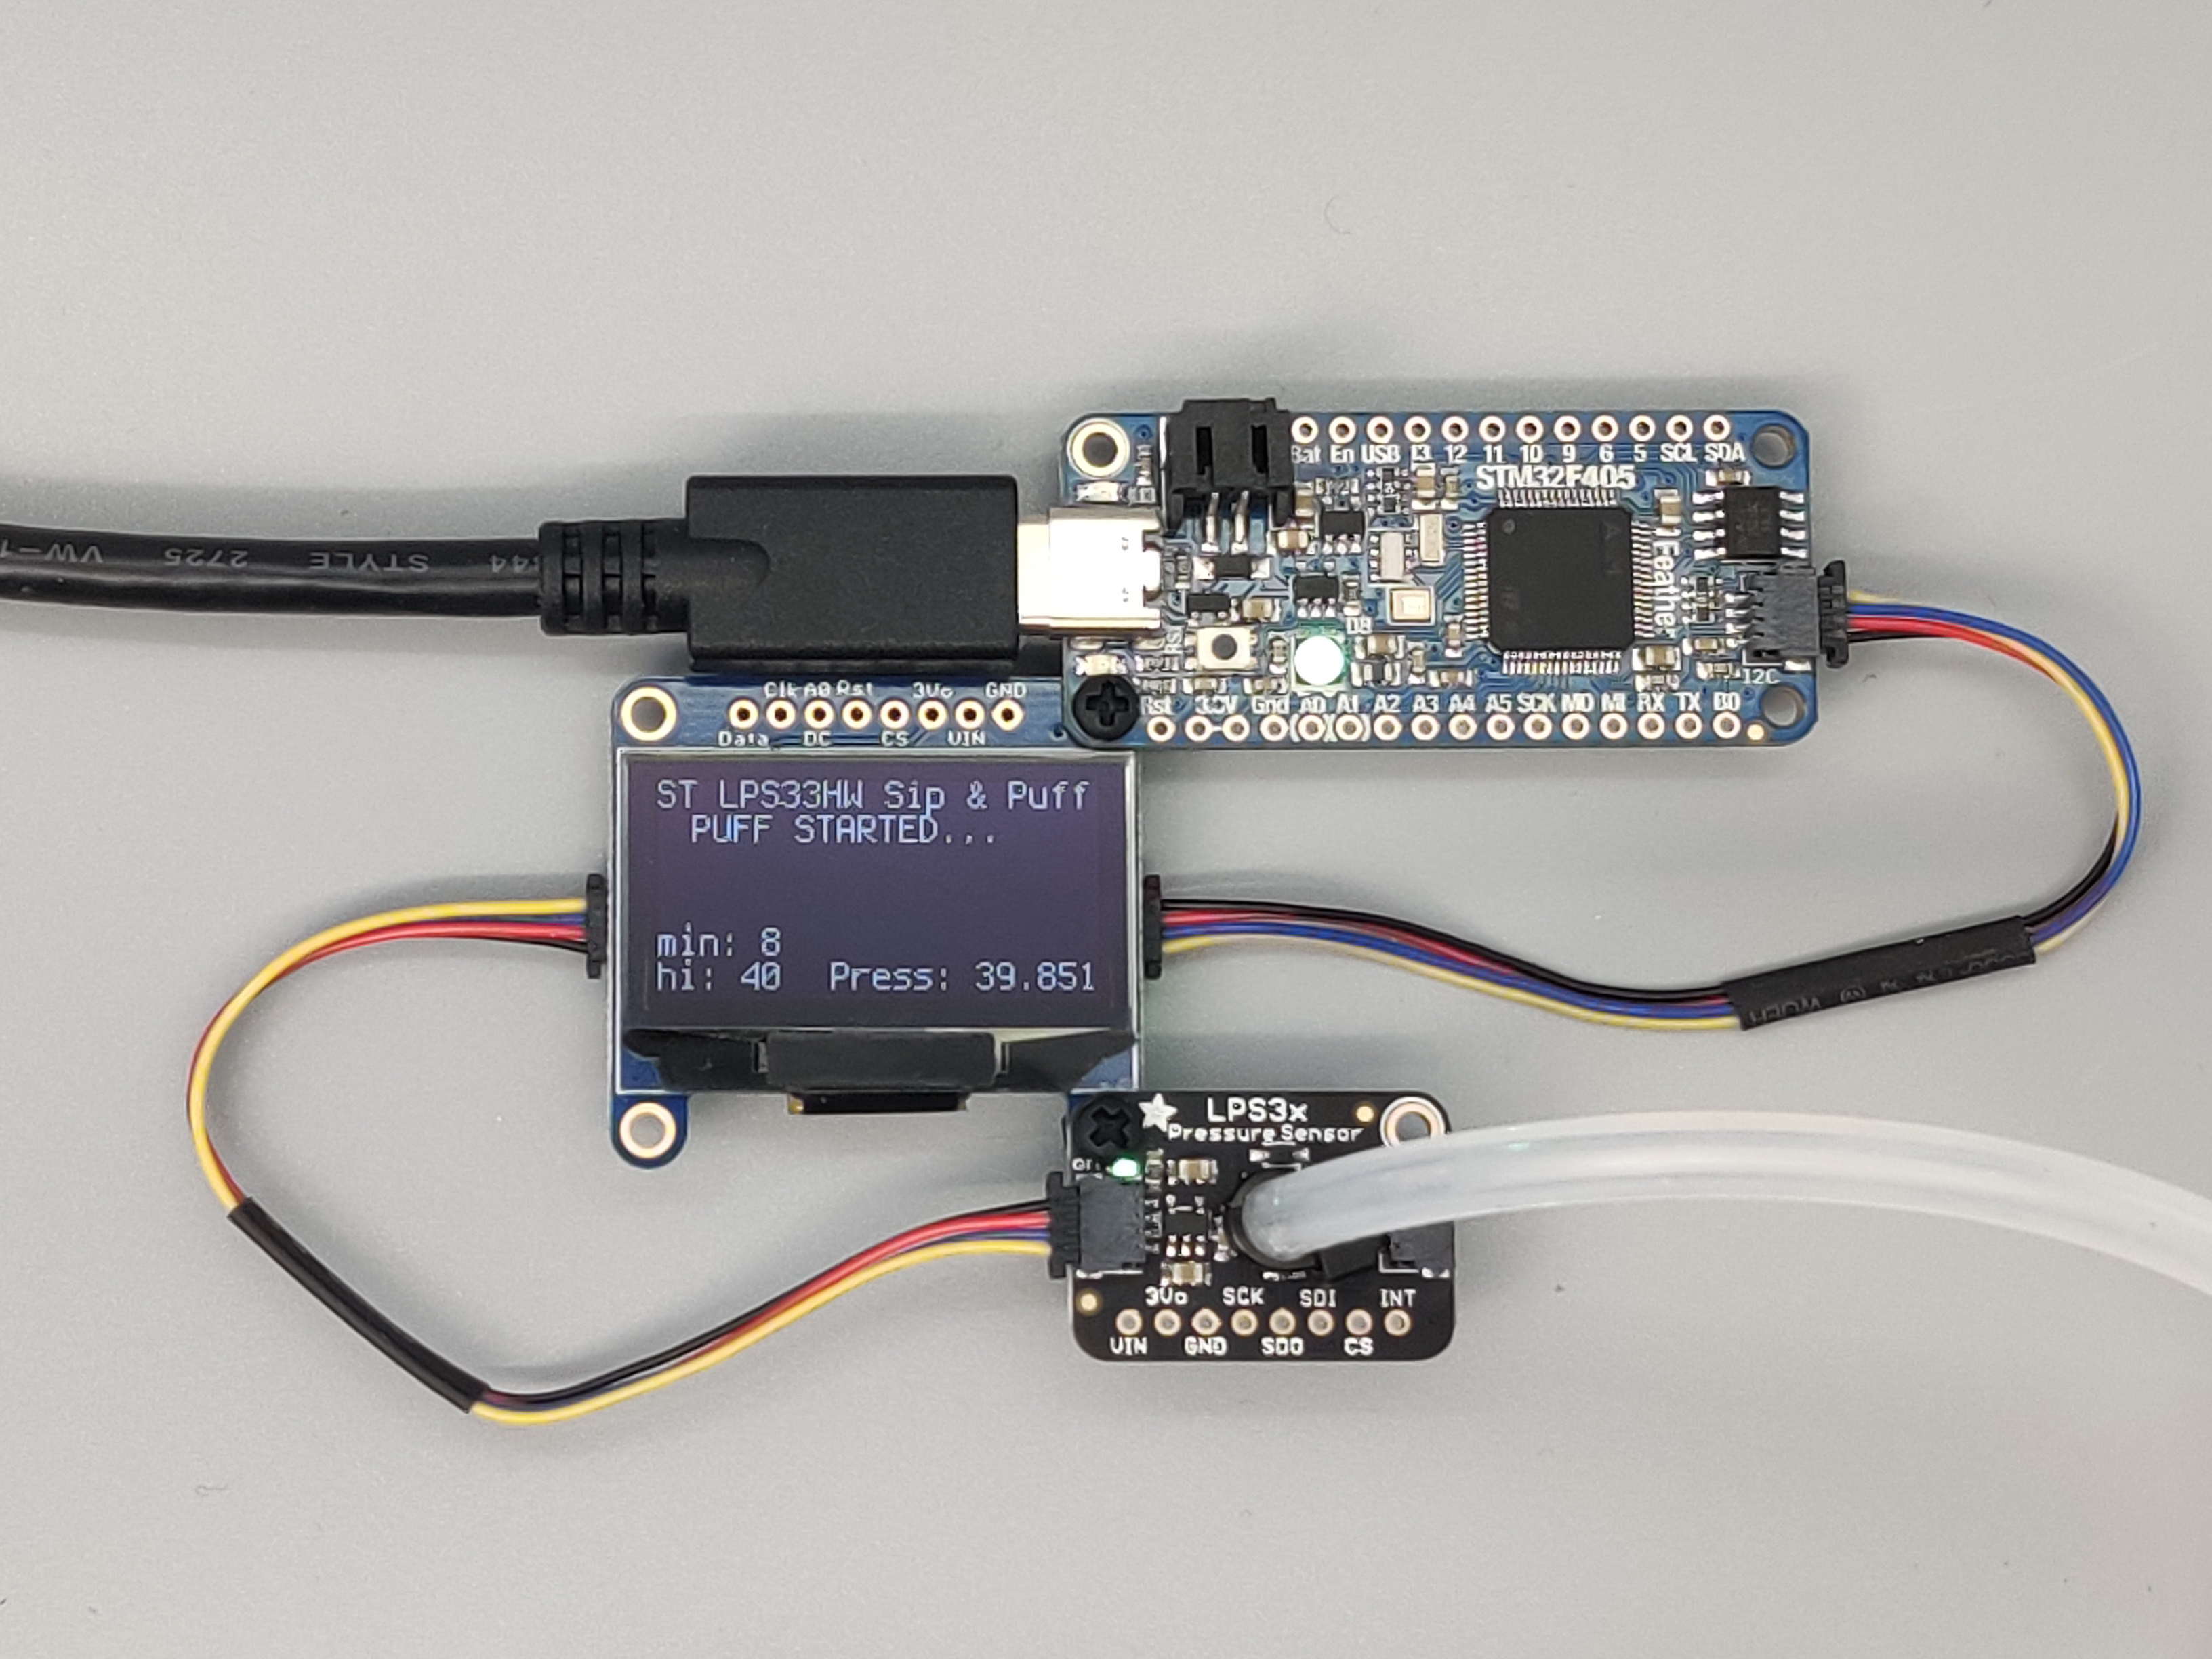 sensors_IMG_20200211_160001.jpg